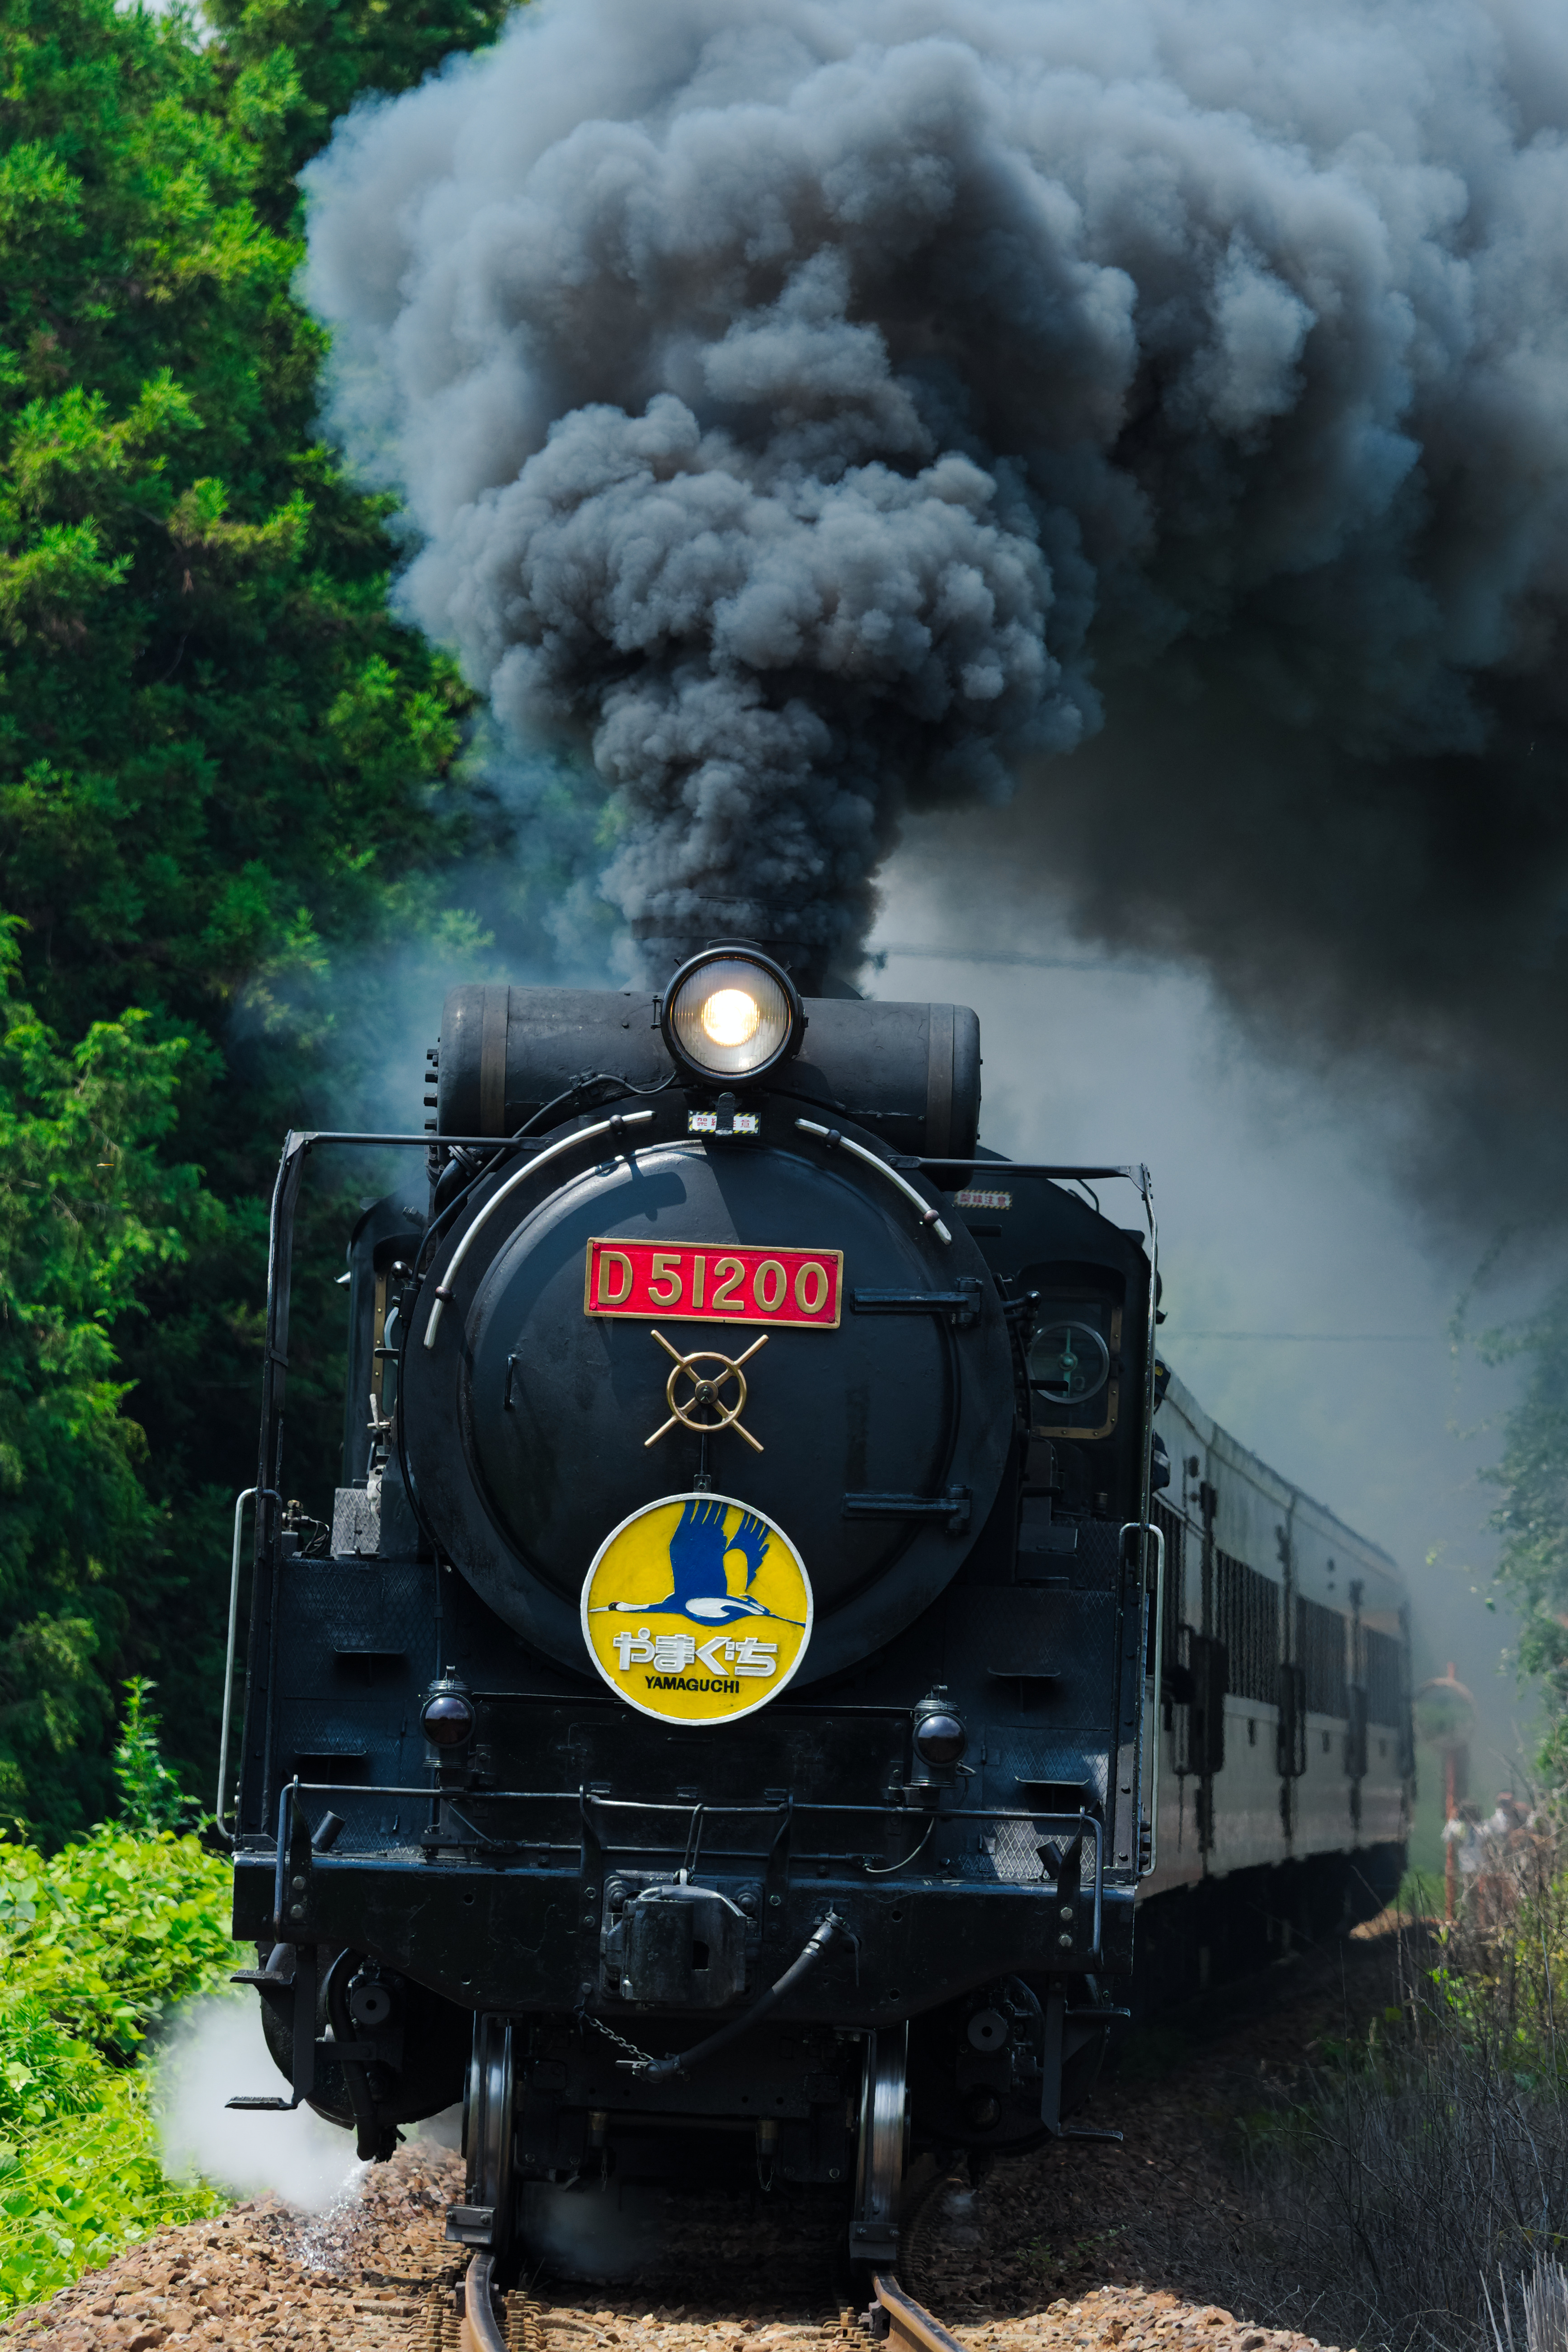 SLやまぐち号運行40周年記念 D51 200赤プレート